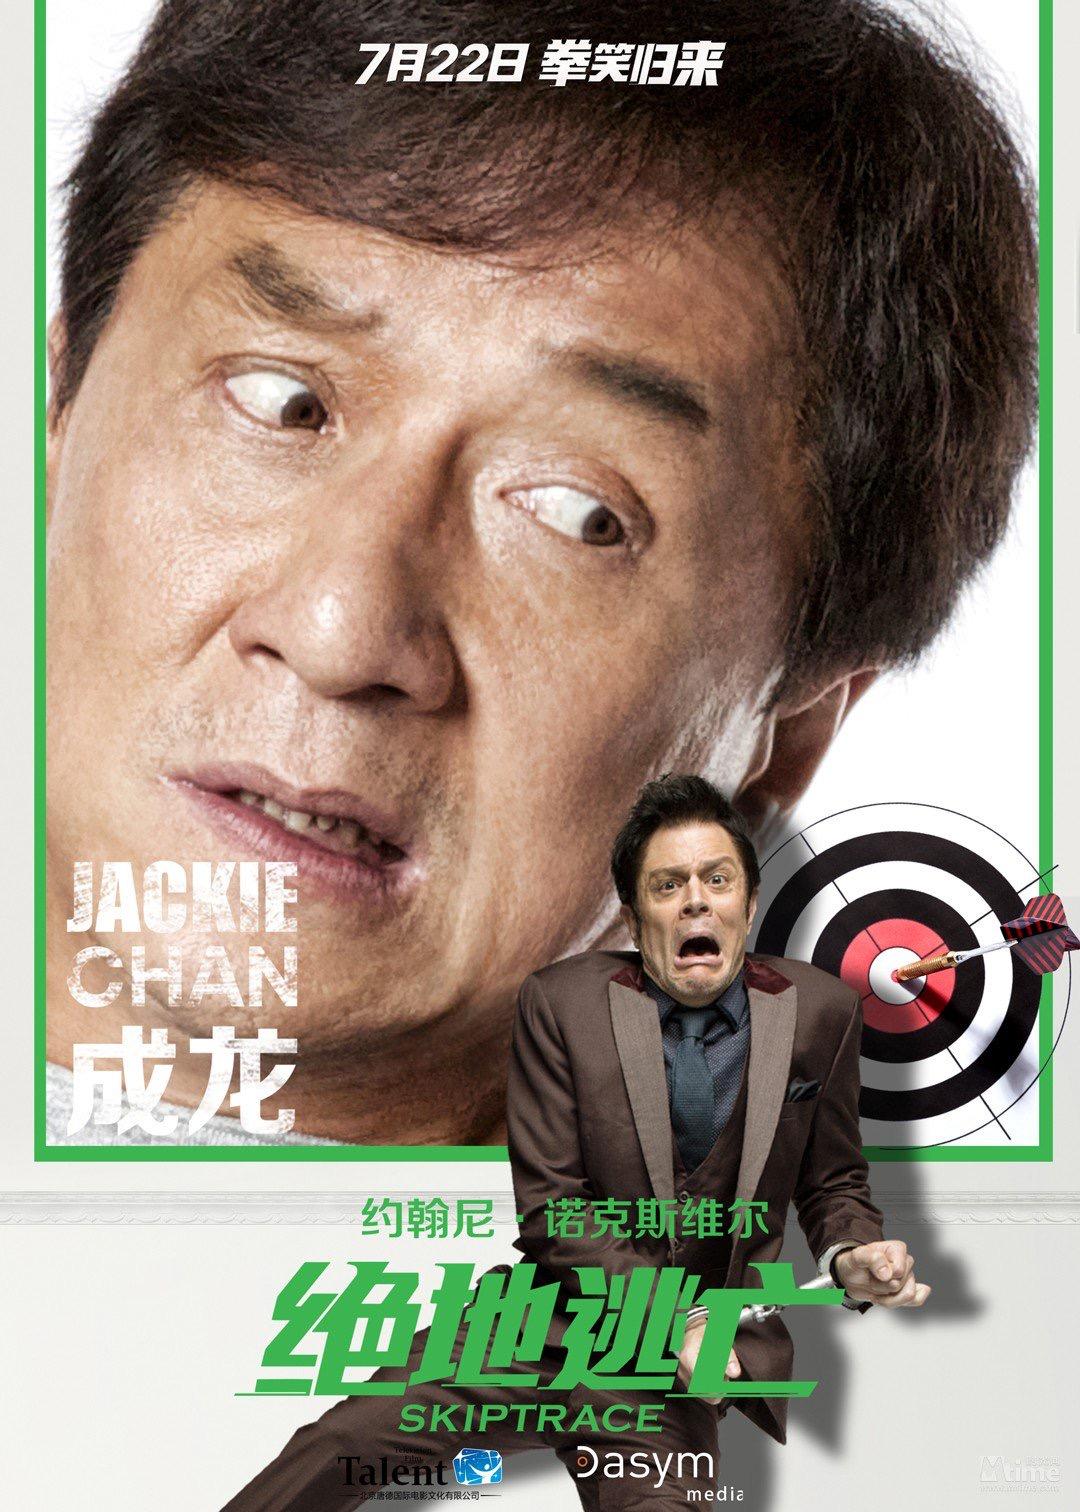 Трейлеры и промо-материалы к грядущим фильмам Джеки Чана 7